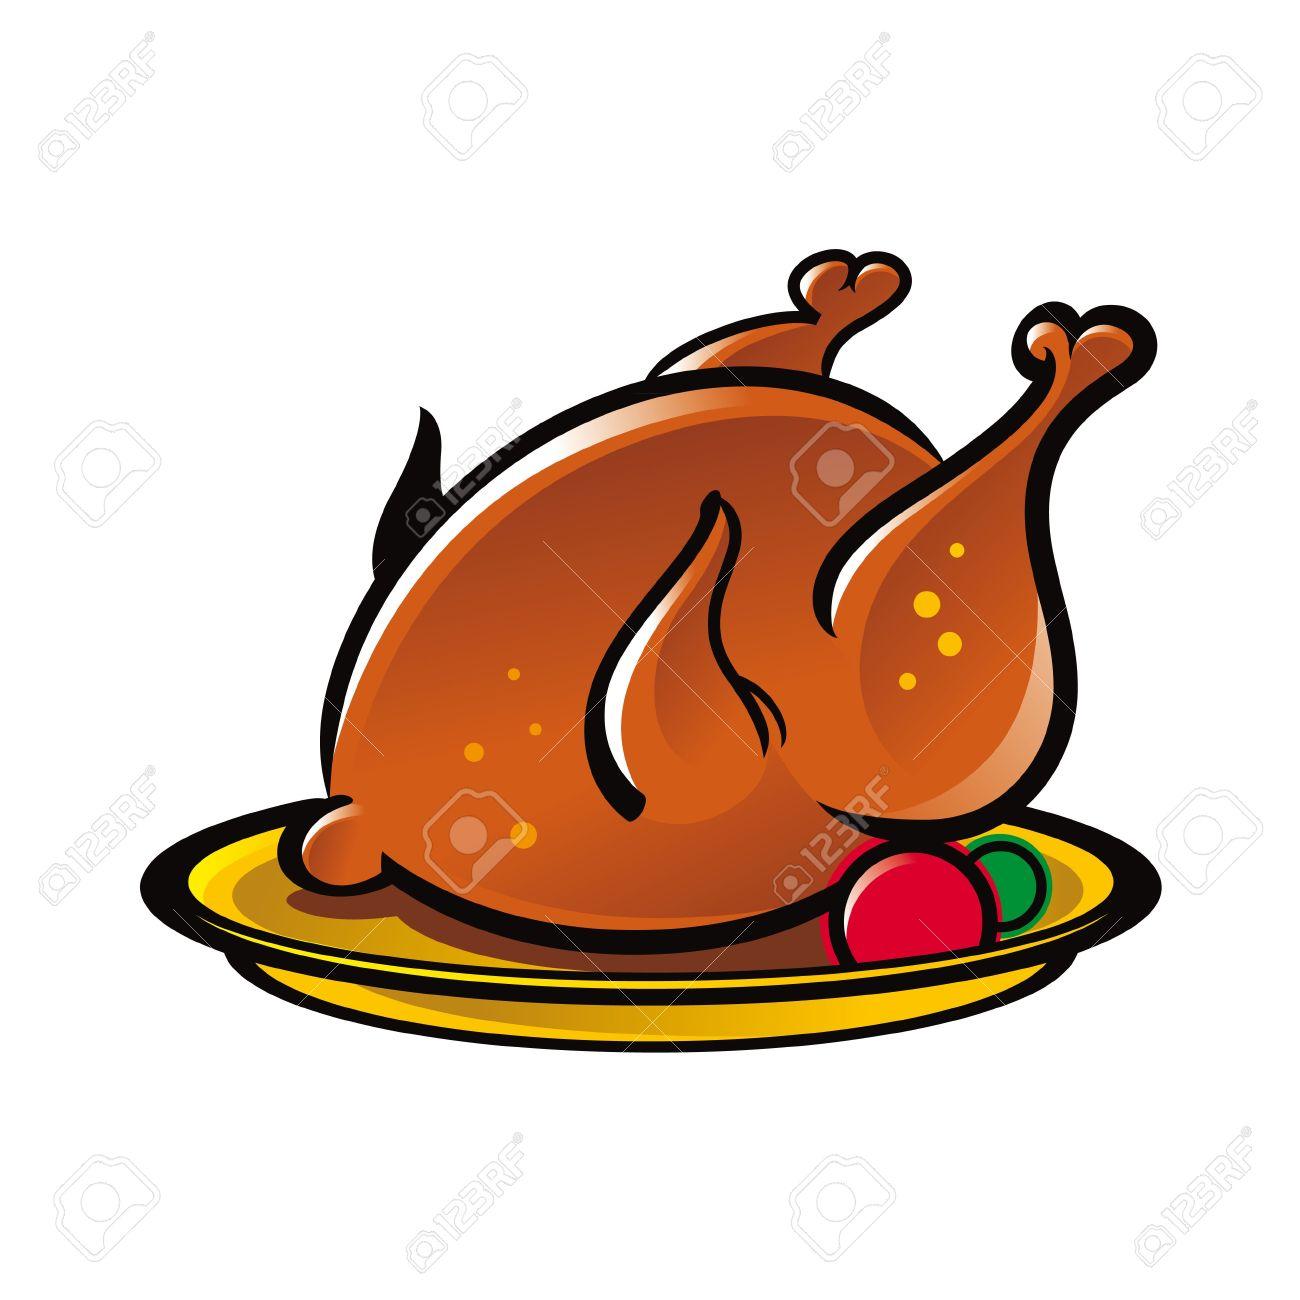 1300x1300 Turkey Clipart Chicken Dish